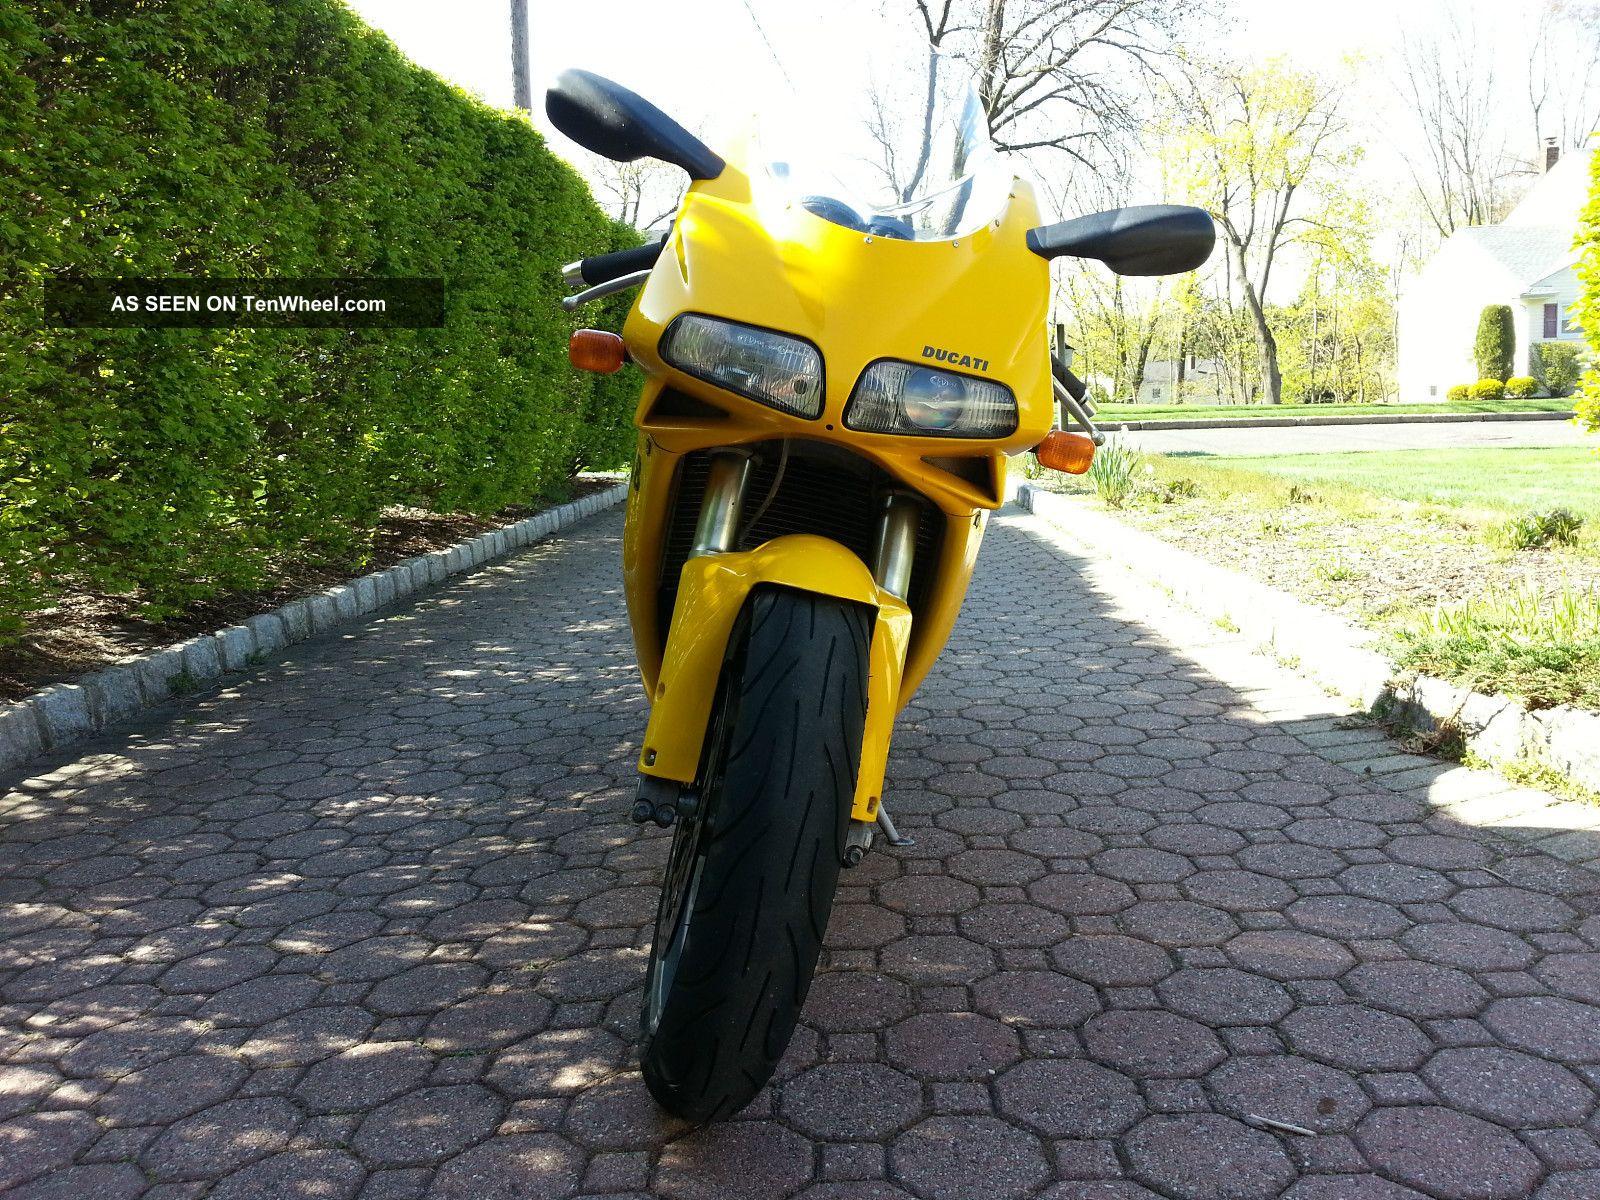 Ducati 748s 2000 Yellow Superbike Superbike photo